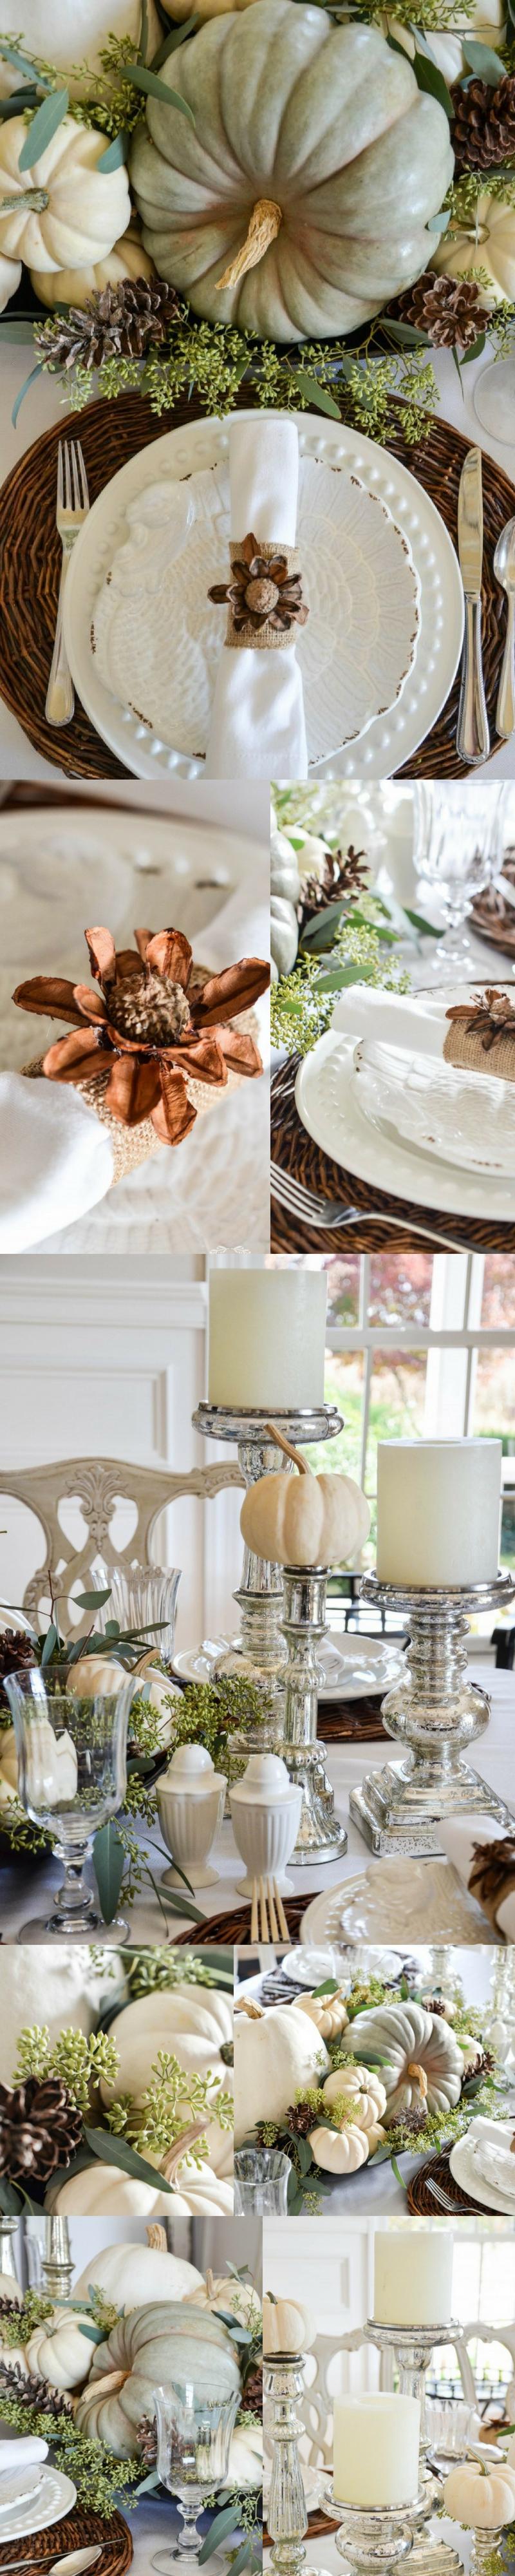 Herbstliche Tischideen und Ambiente: Wunderschöne Ideen für ein festliches Arrangement im Weiß